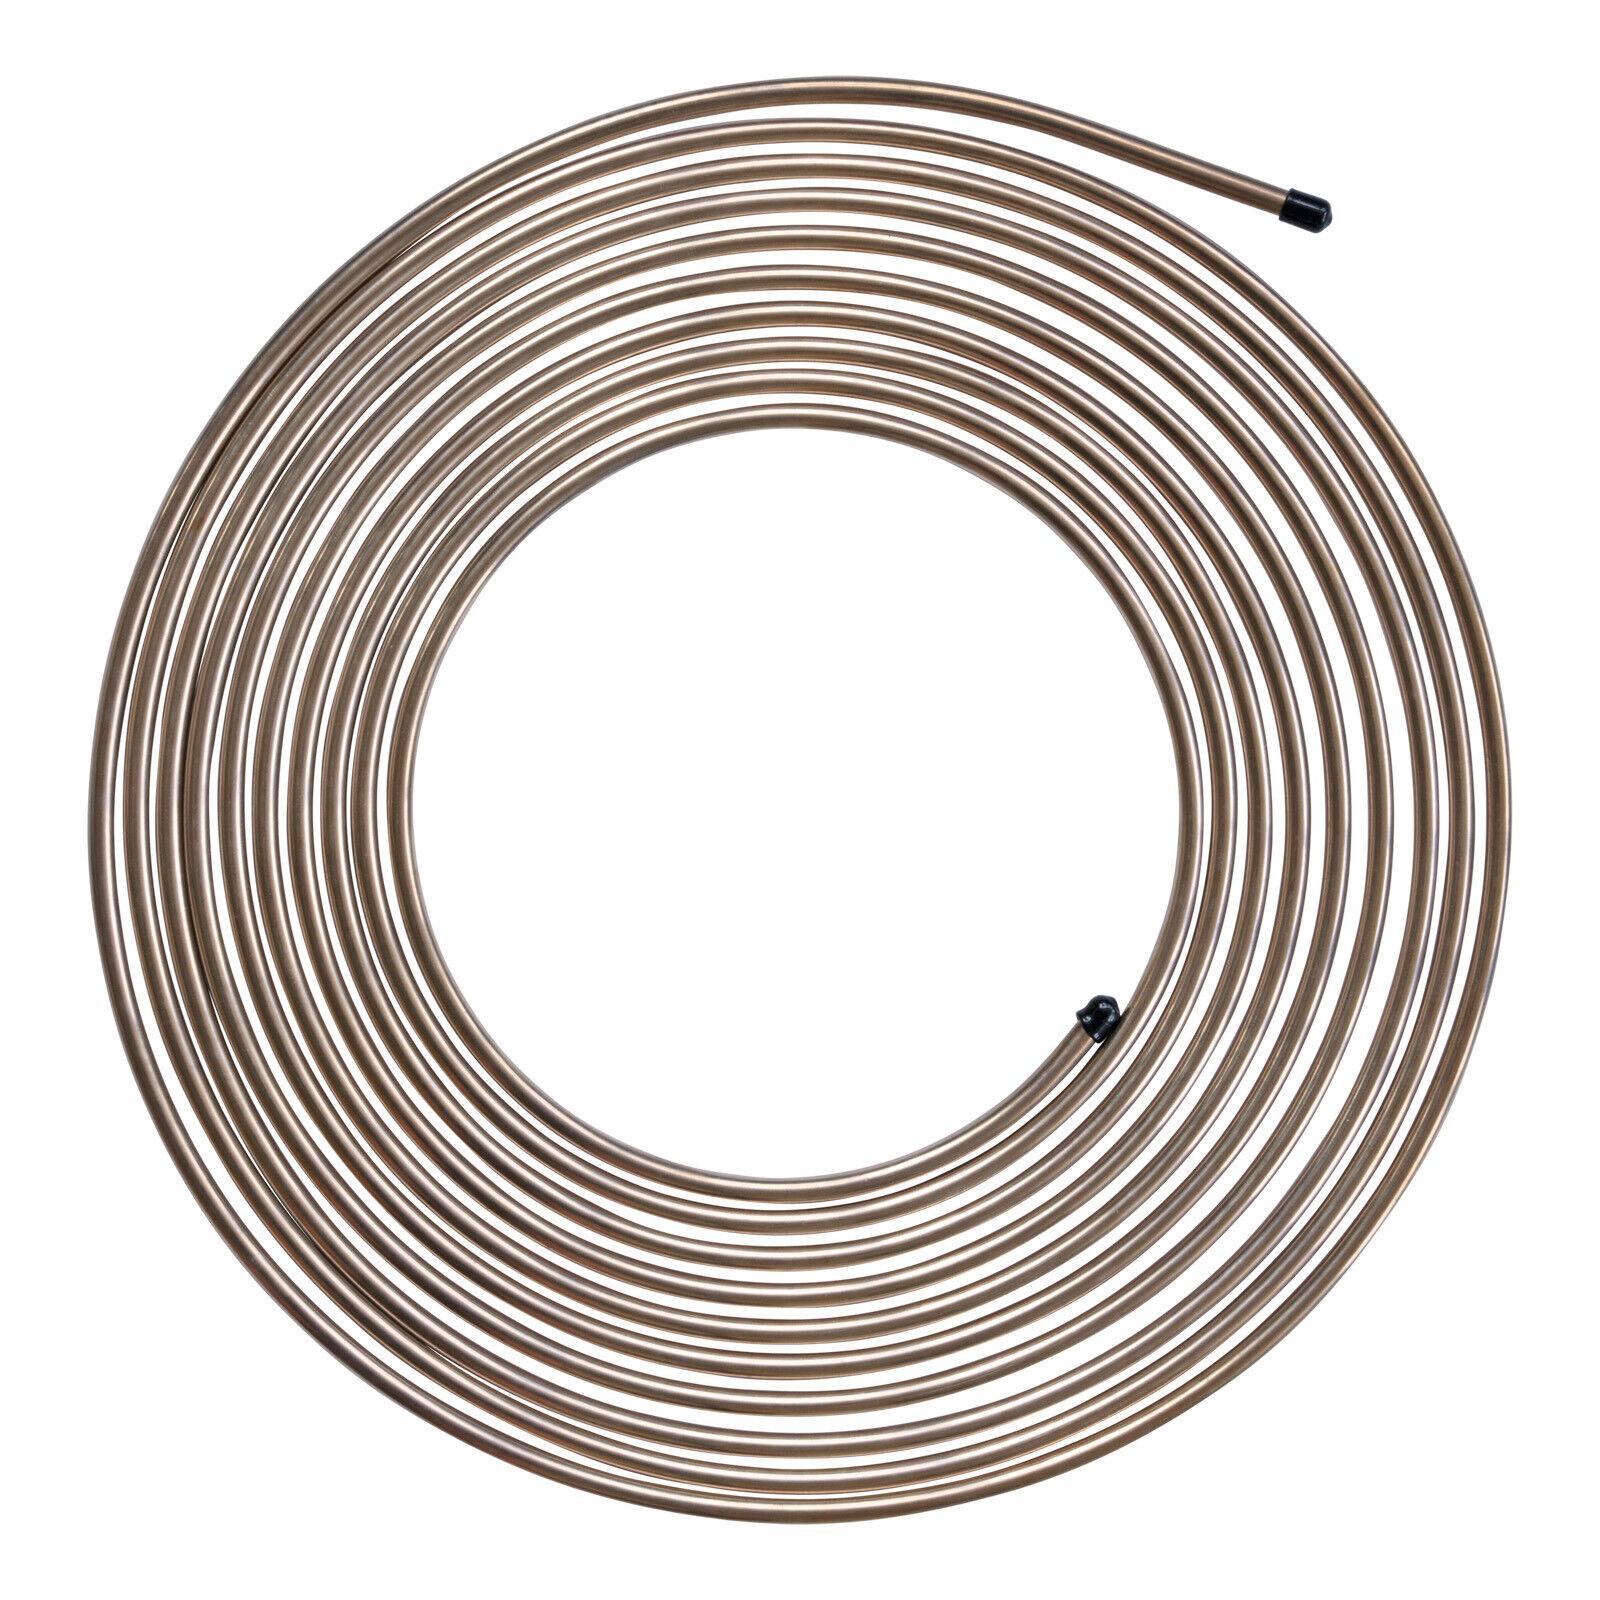 25 Foot Copper Nickel Rolls- 3//16 5//16 3//8 1//4